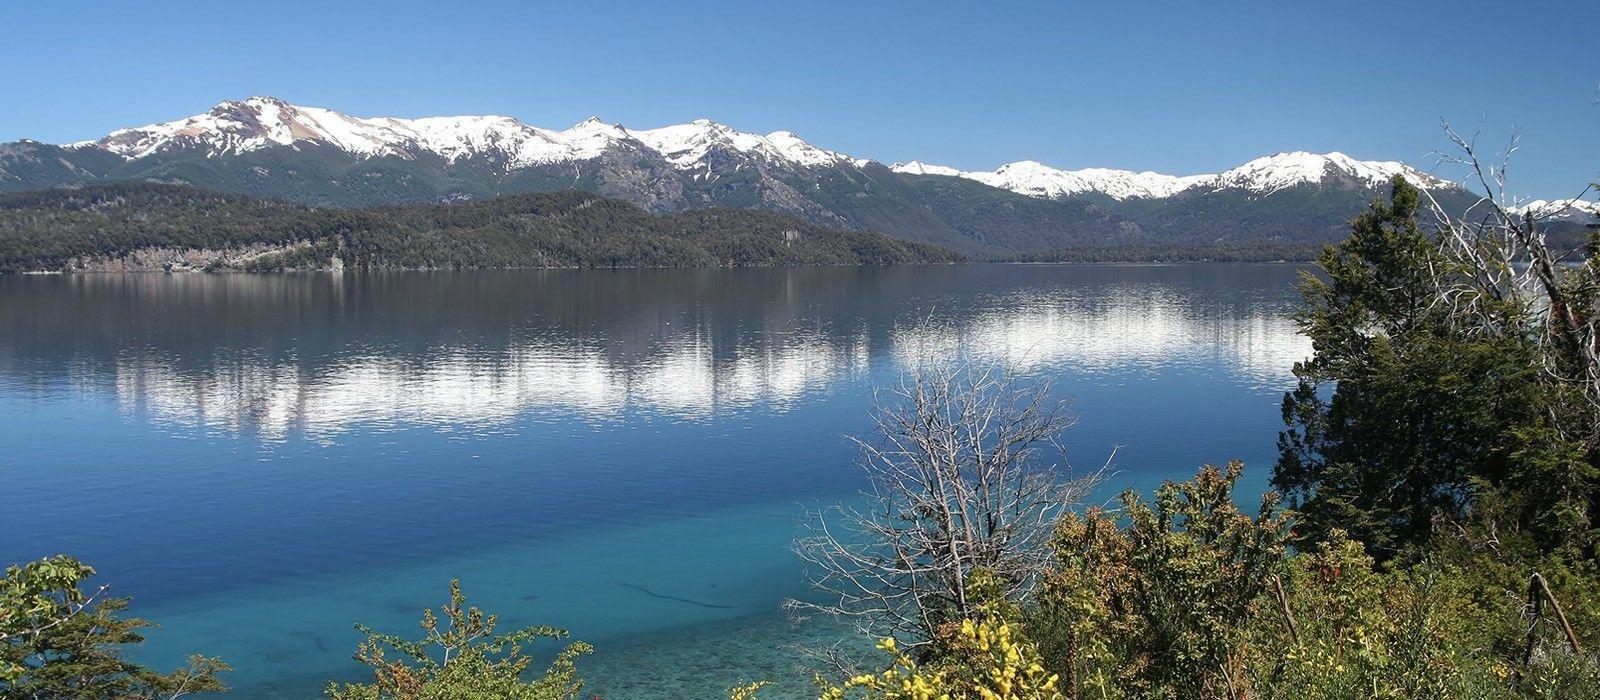 Reiseziel Bariloche Argentinien